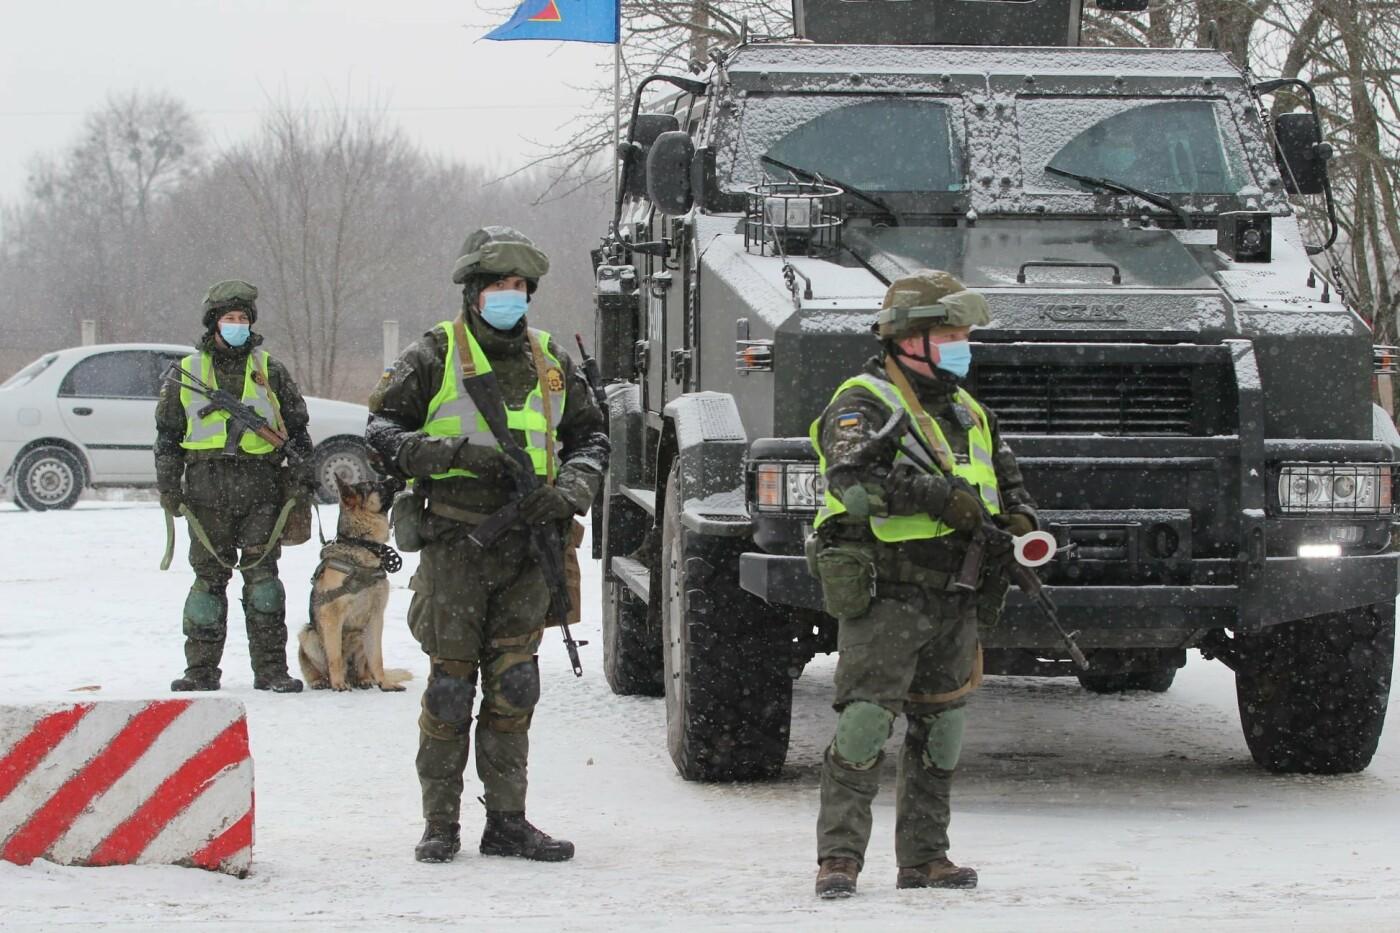 На Днепропетровщине военные освободили заложников, отбили штурм и задержали воров, - ФОТО, фото-3